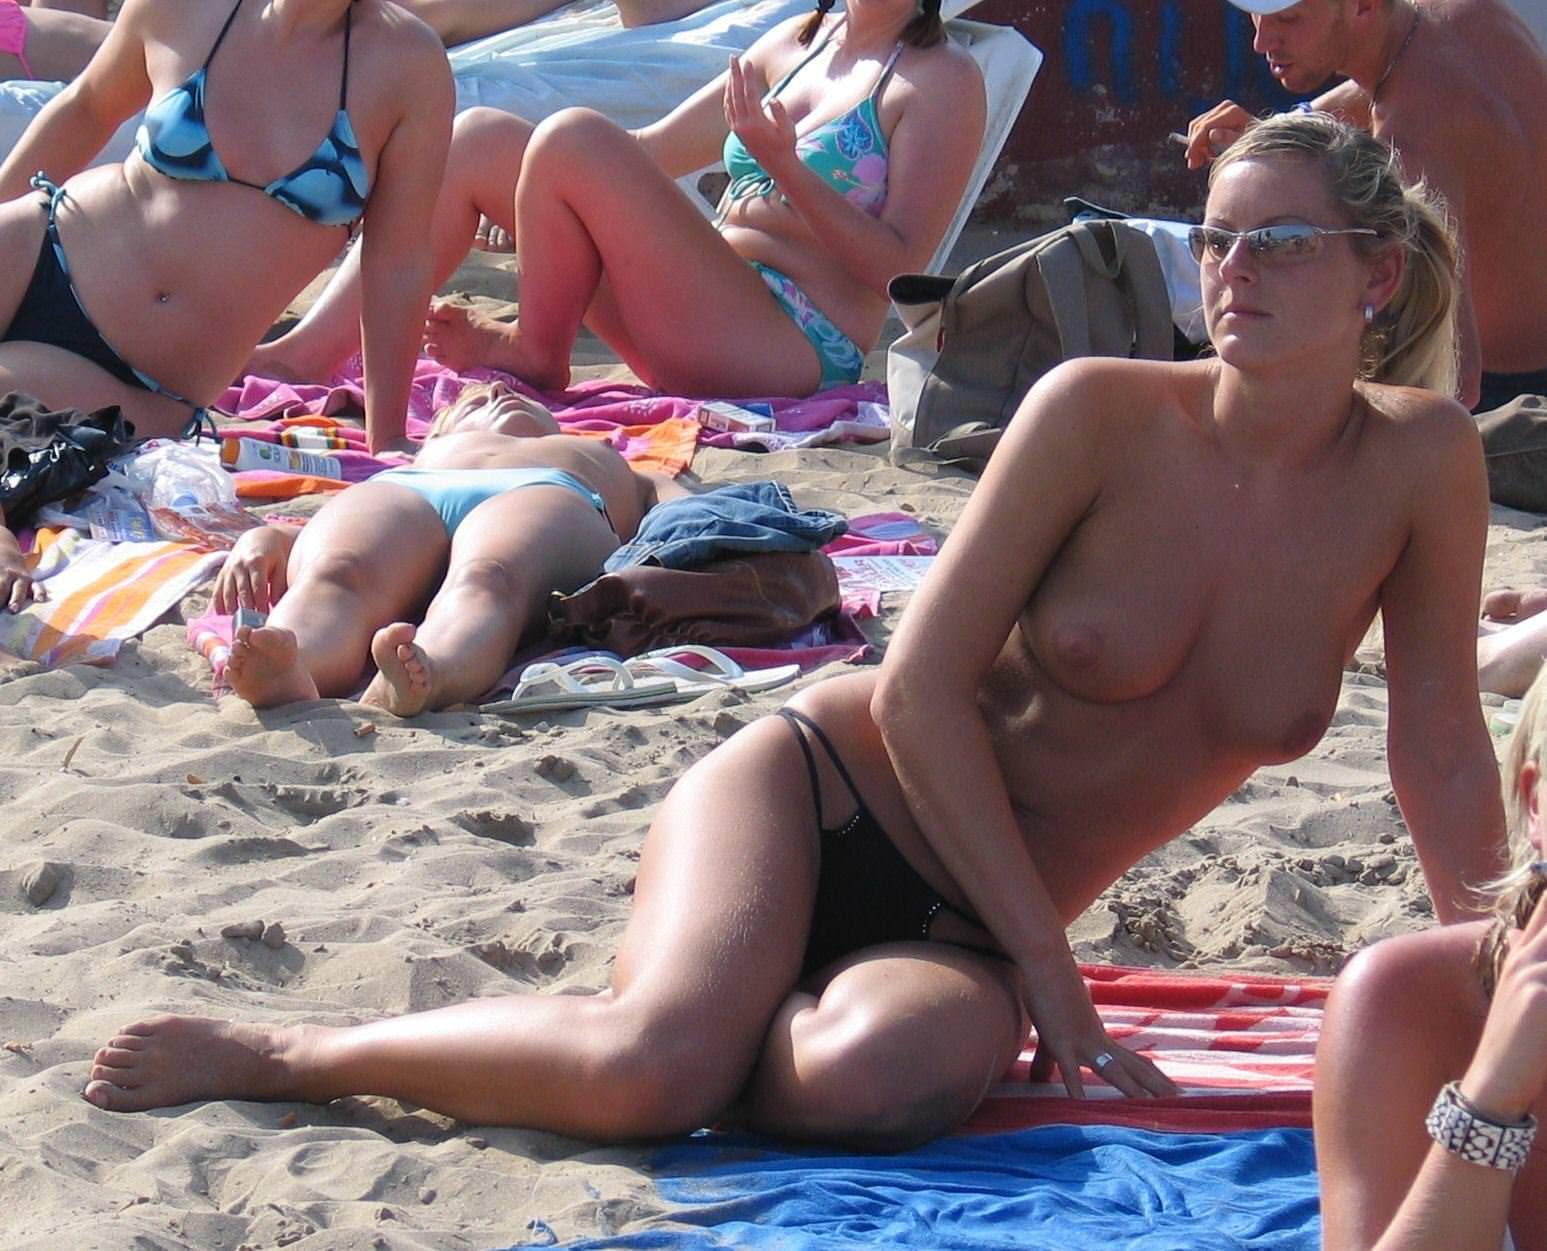 【外人】ヌーディストビーチで髪金の姉ちゃん盗撮し放題な露出エロ画像 1265